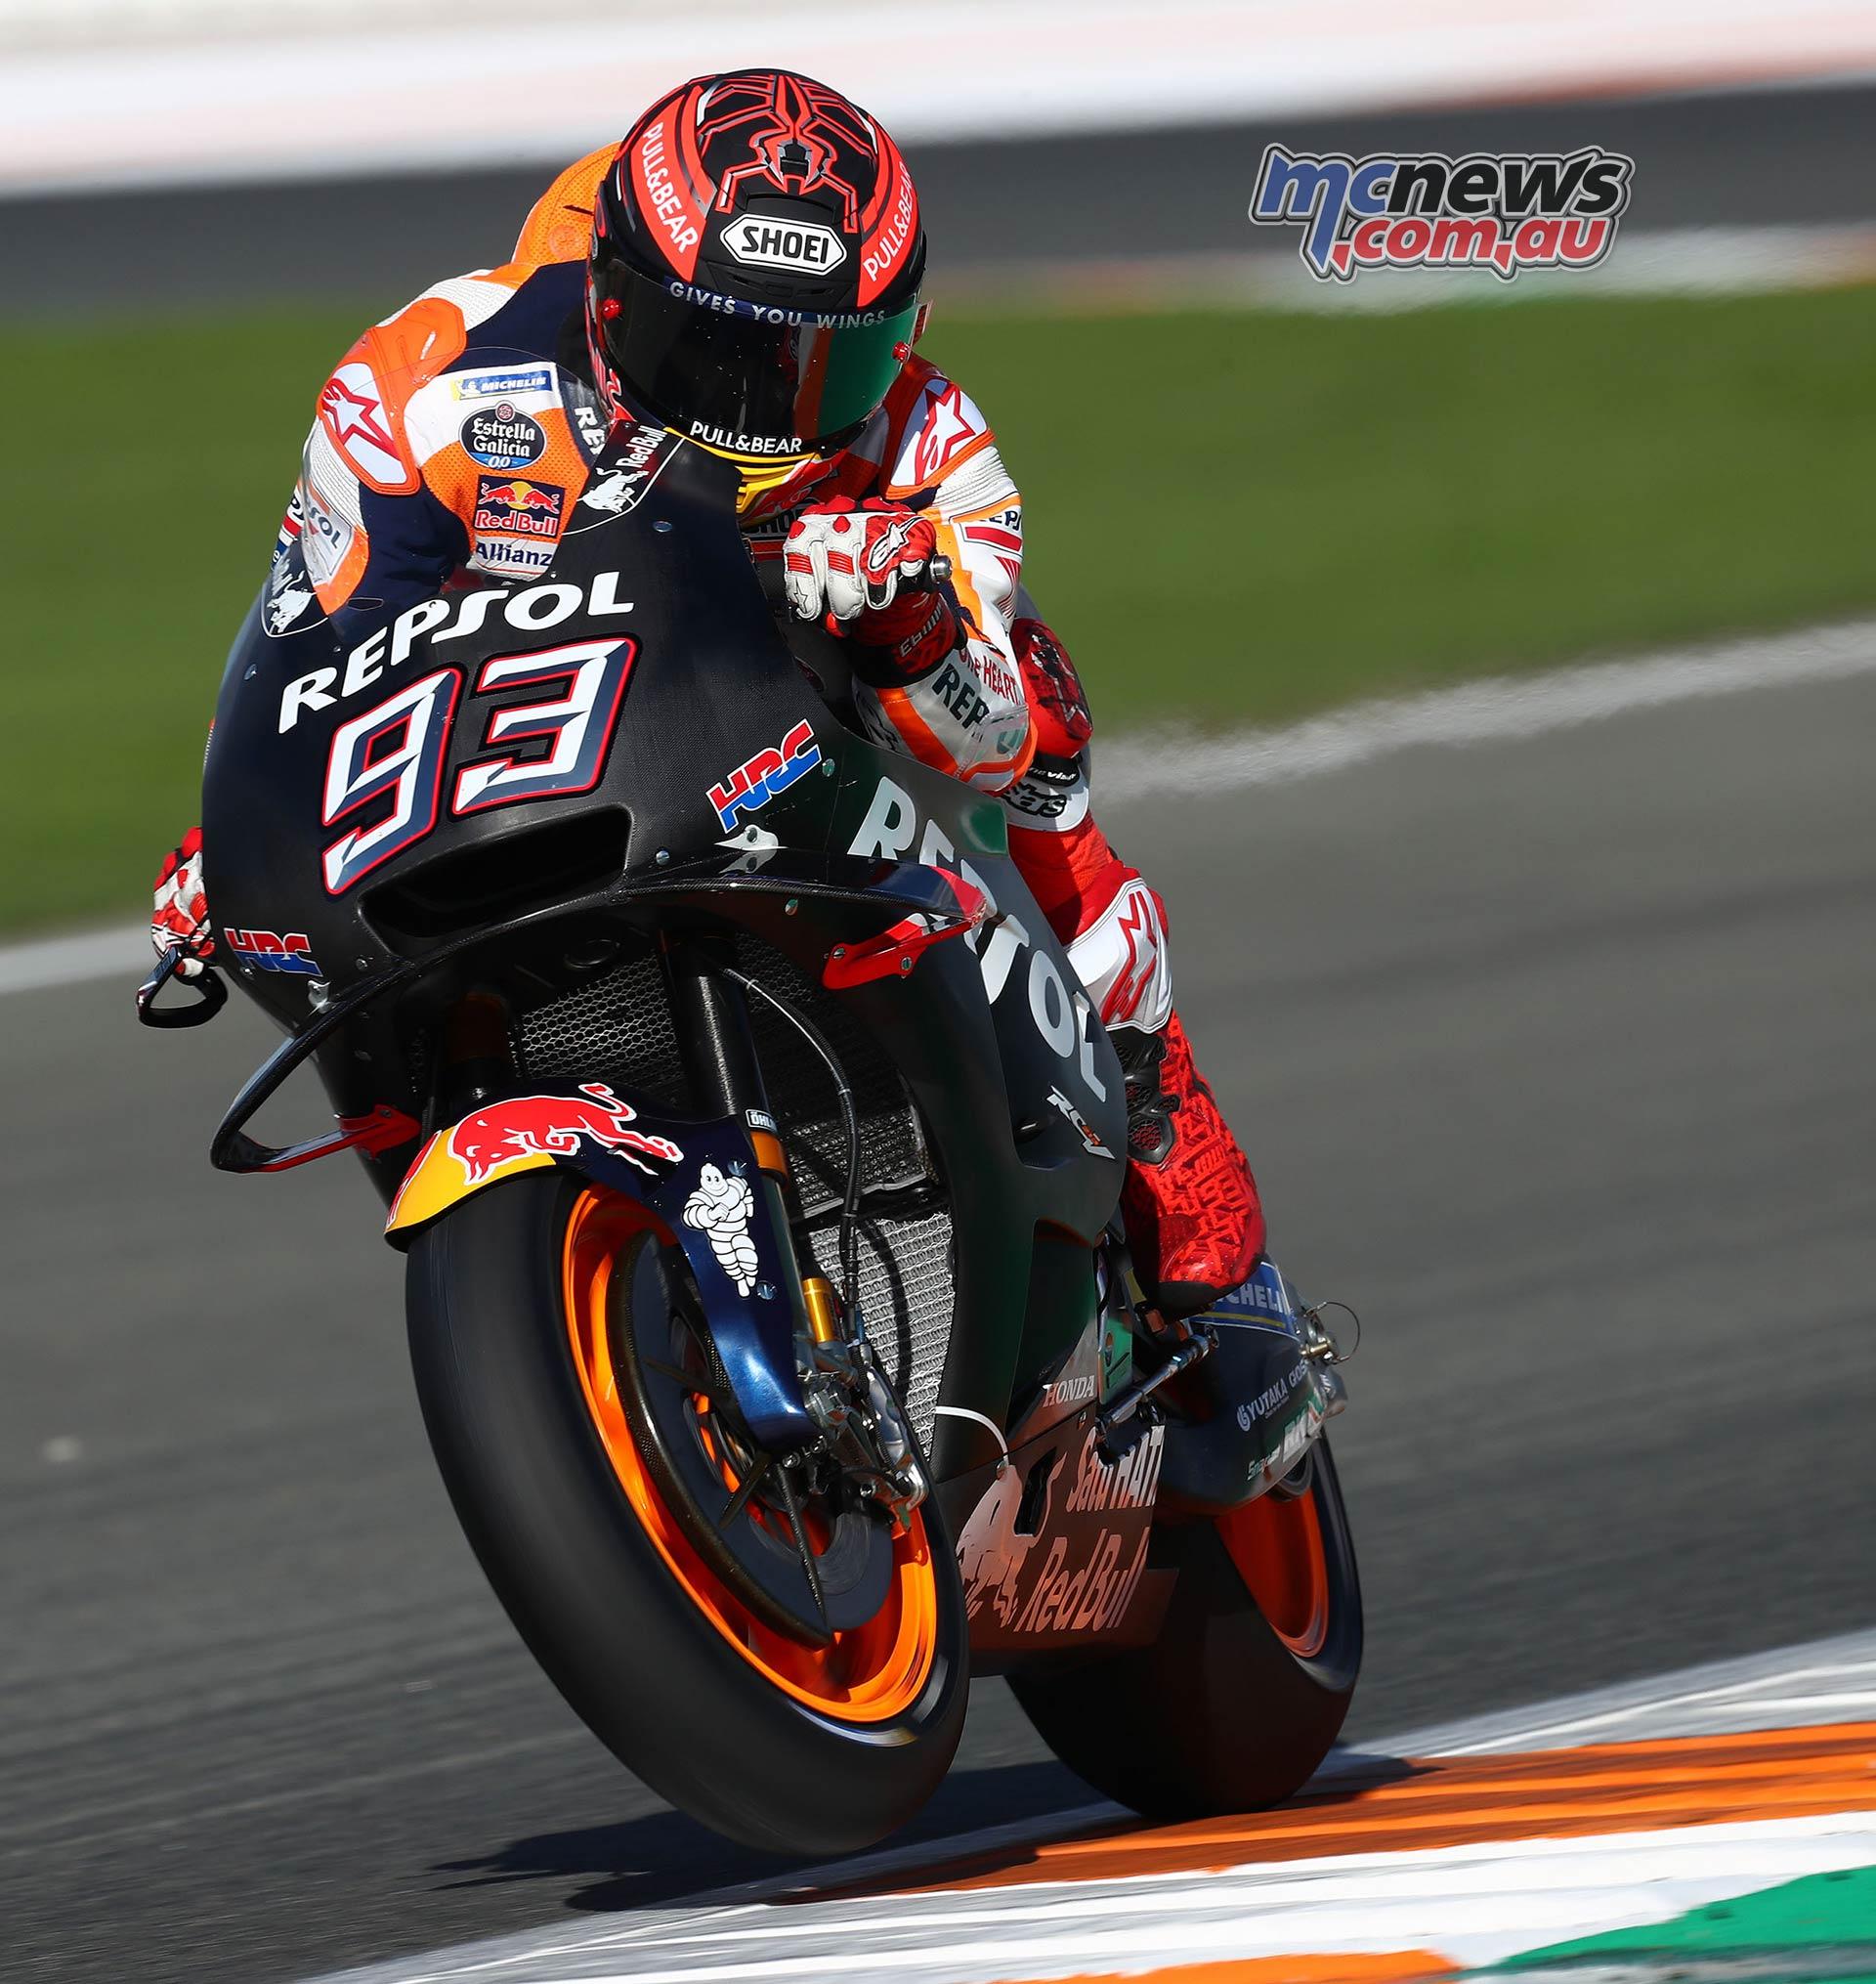 2019-MotoGP-Valencia-Test-Marquez_18GPT0